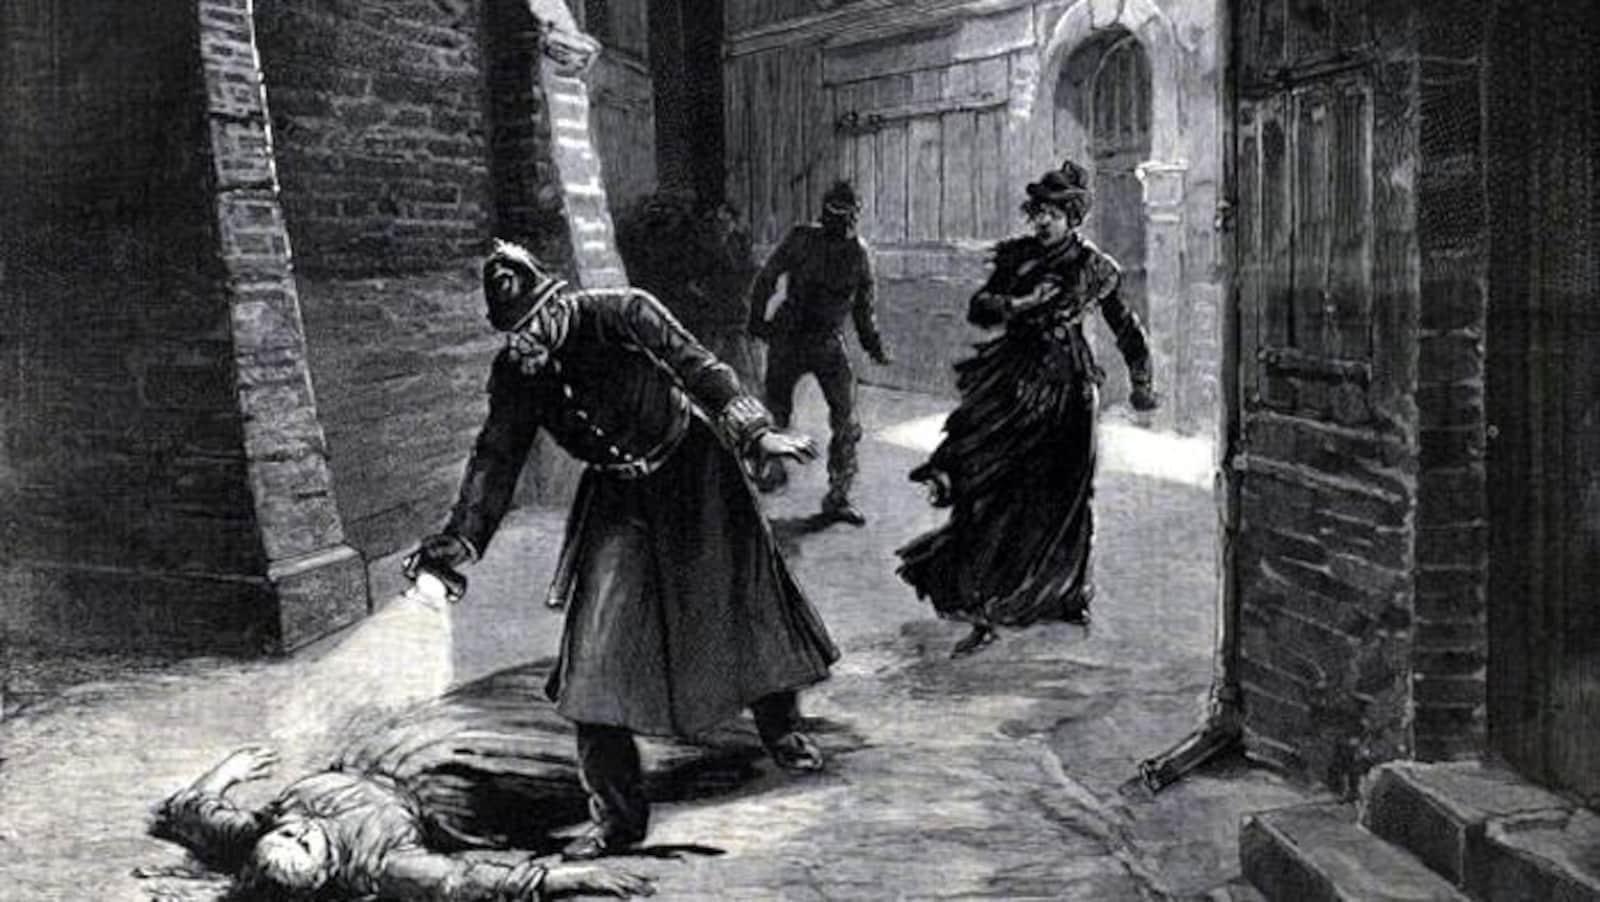 Illustration publiée à l'époque de la police découvrant le corps de l'une des victimes de Jack l'Éventreur.